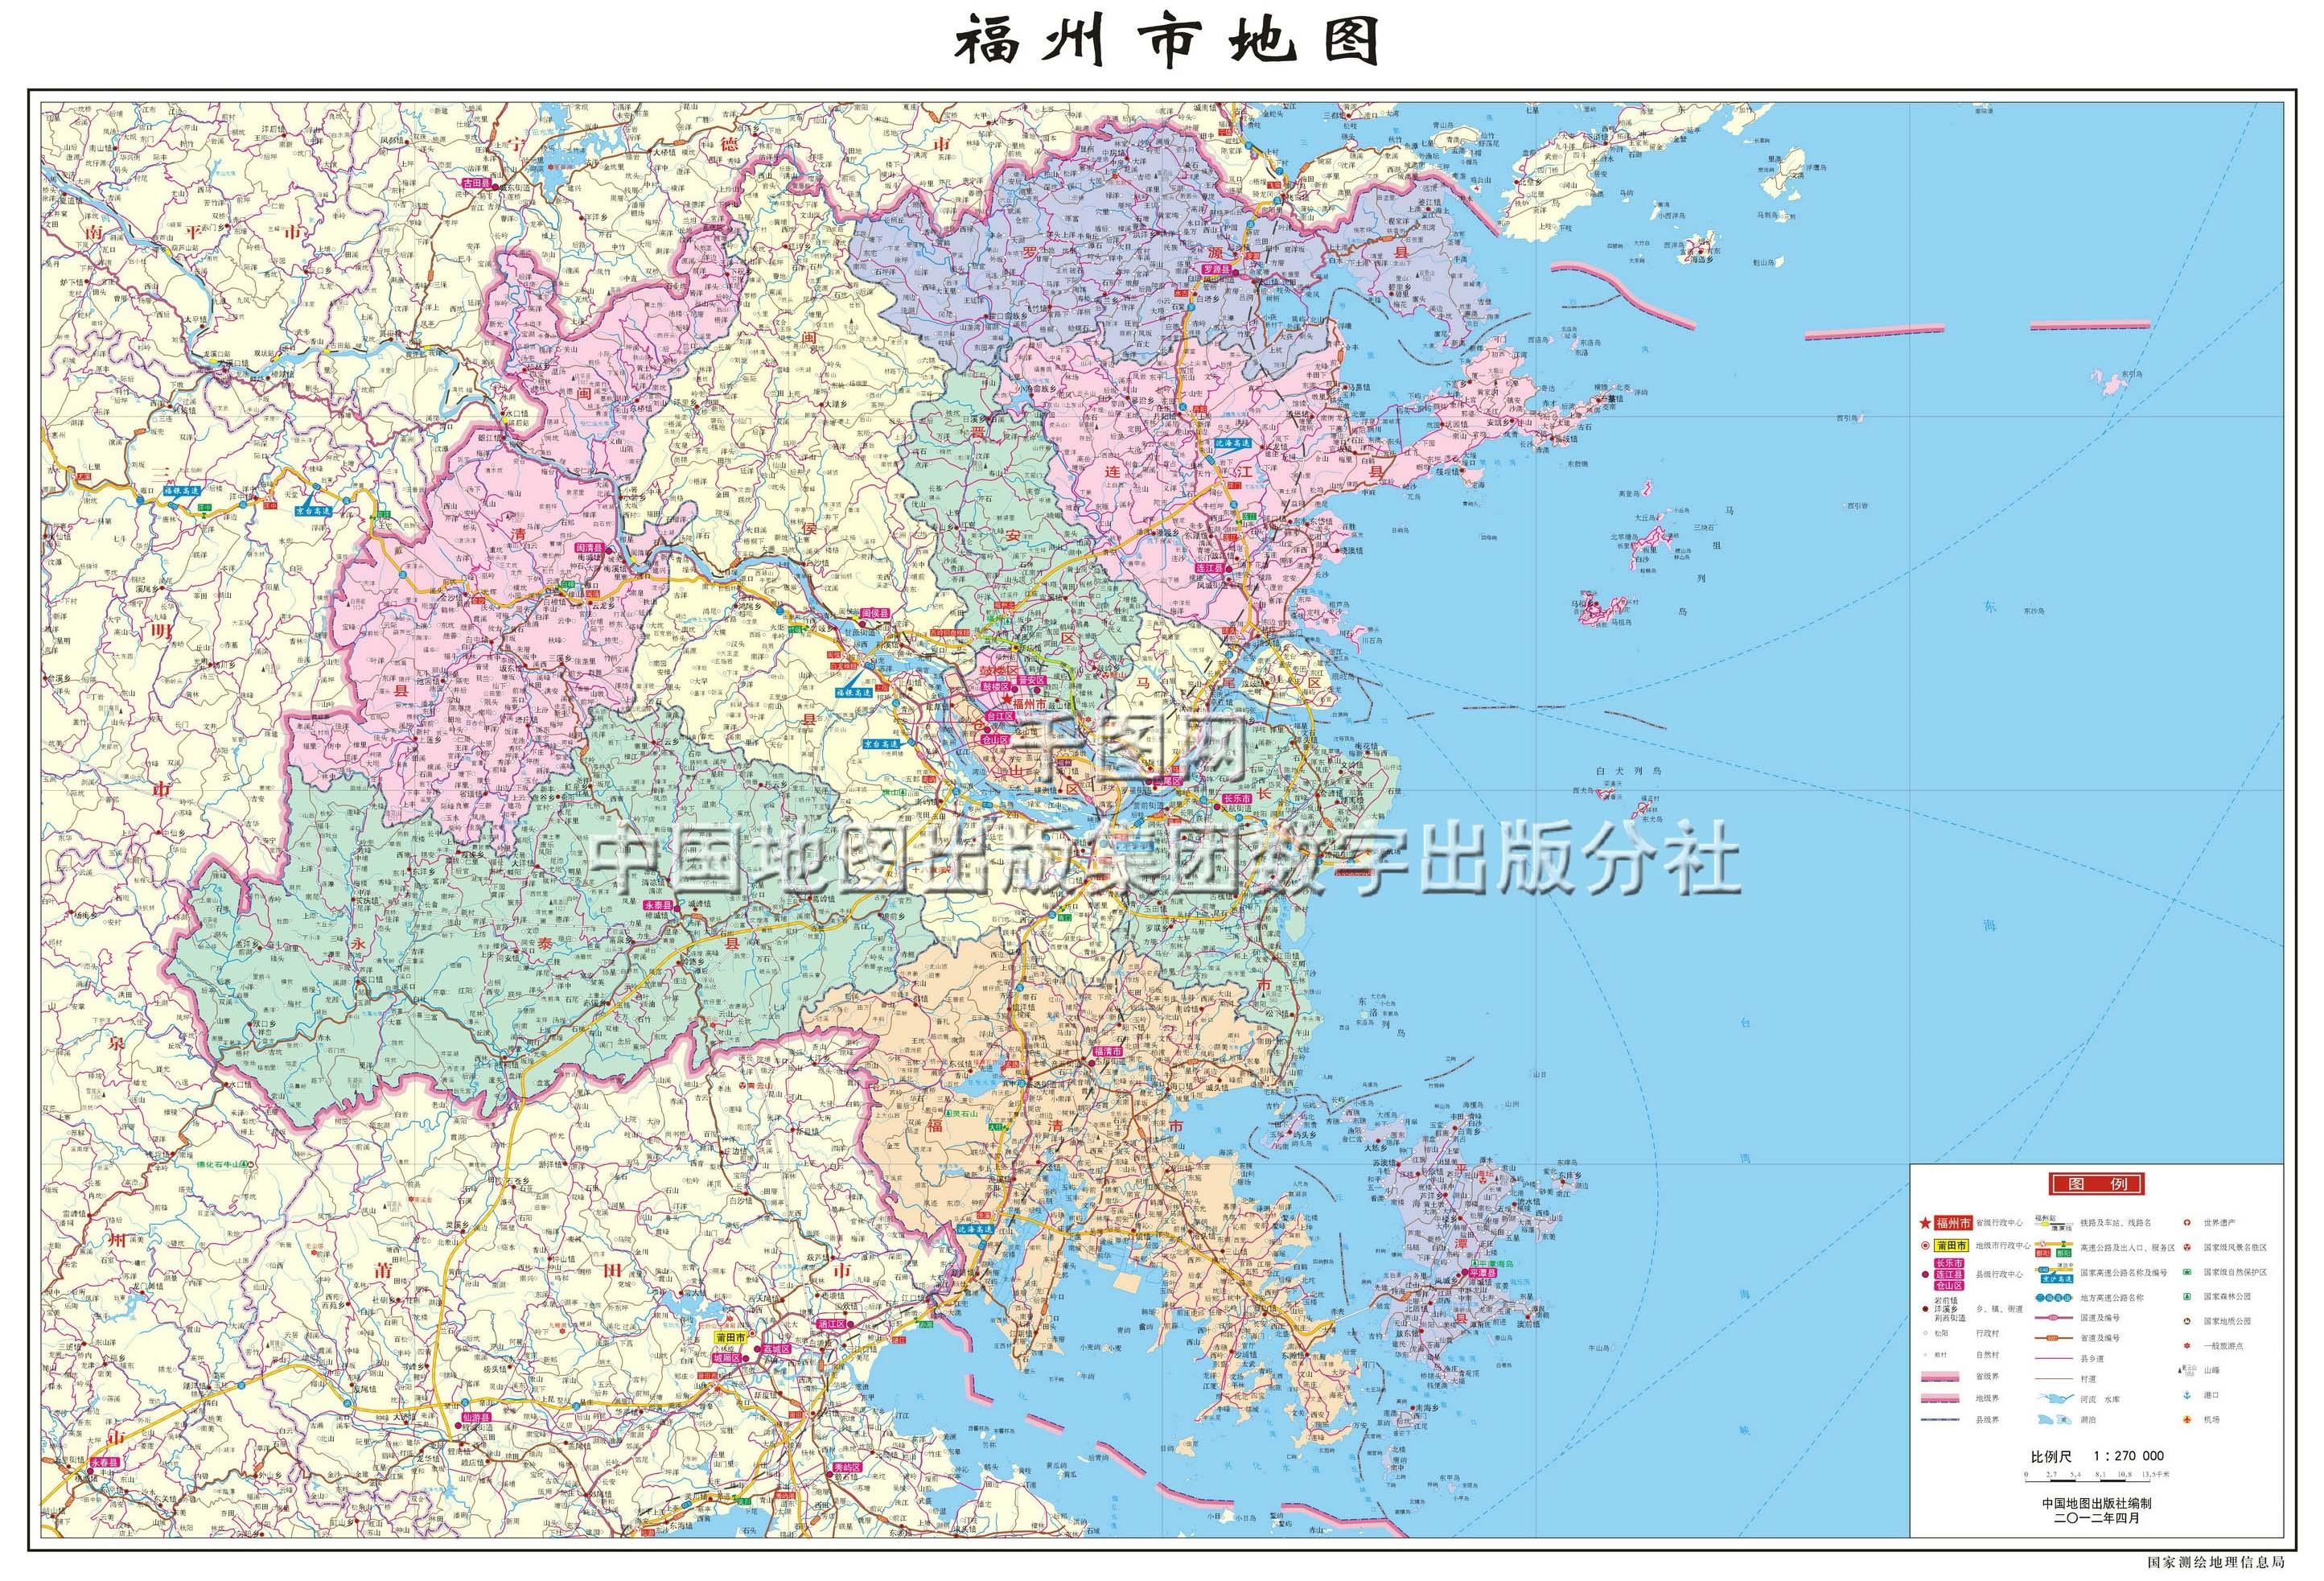 福州市地图高清版